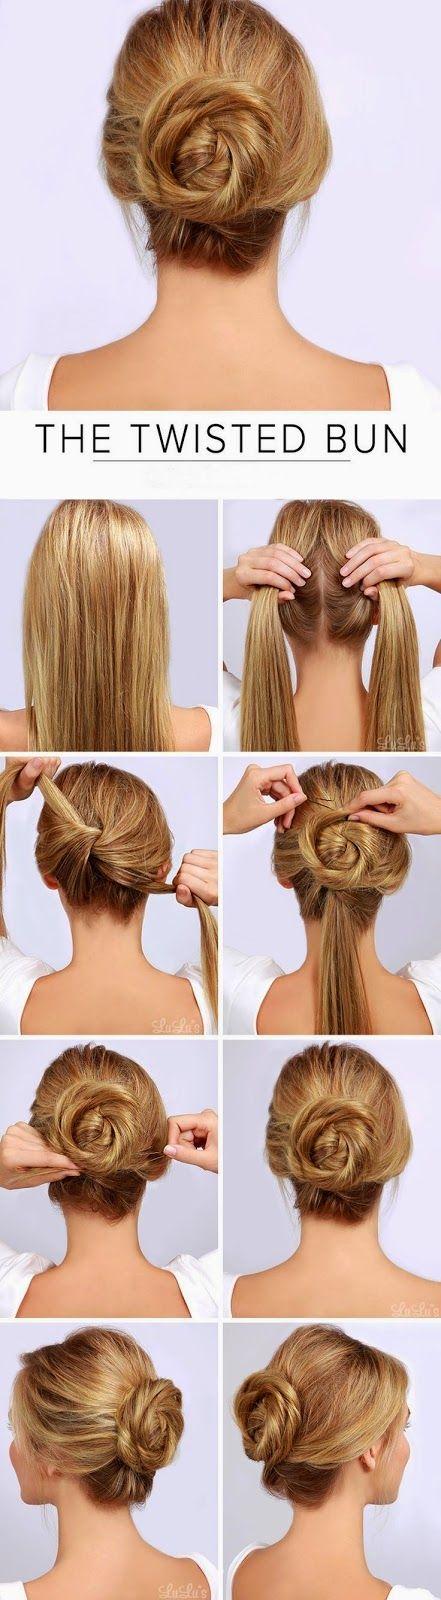 Twisted Bun Hair Tutorial